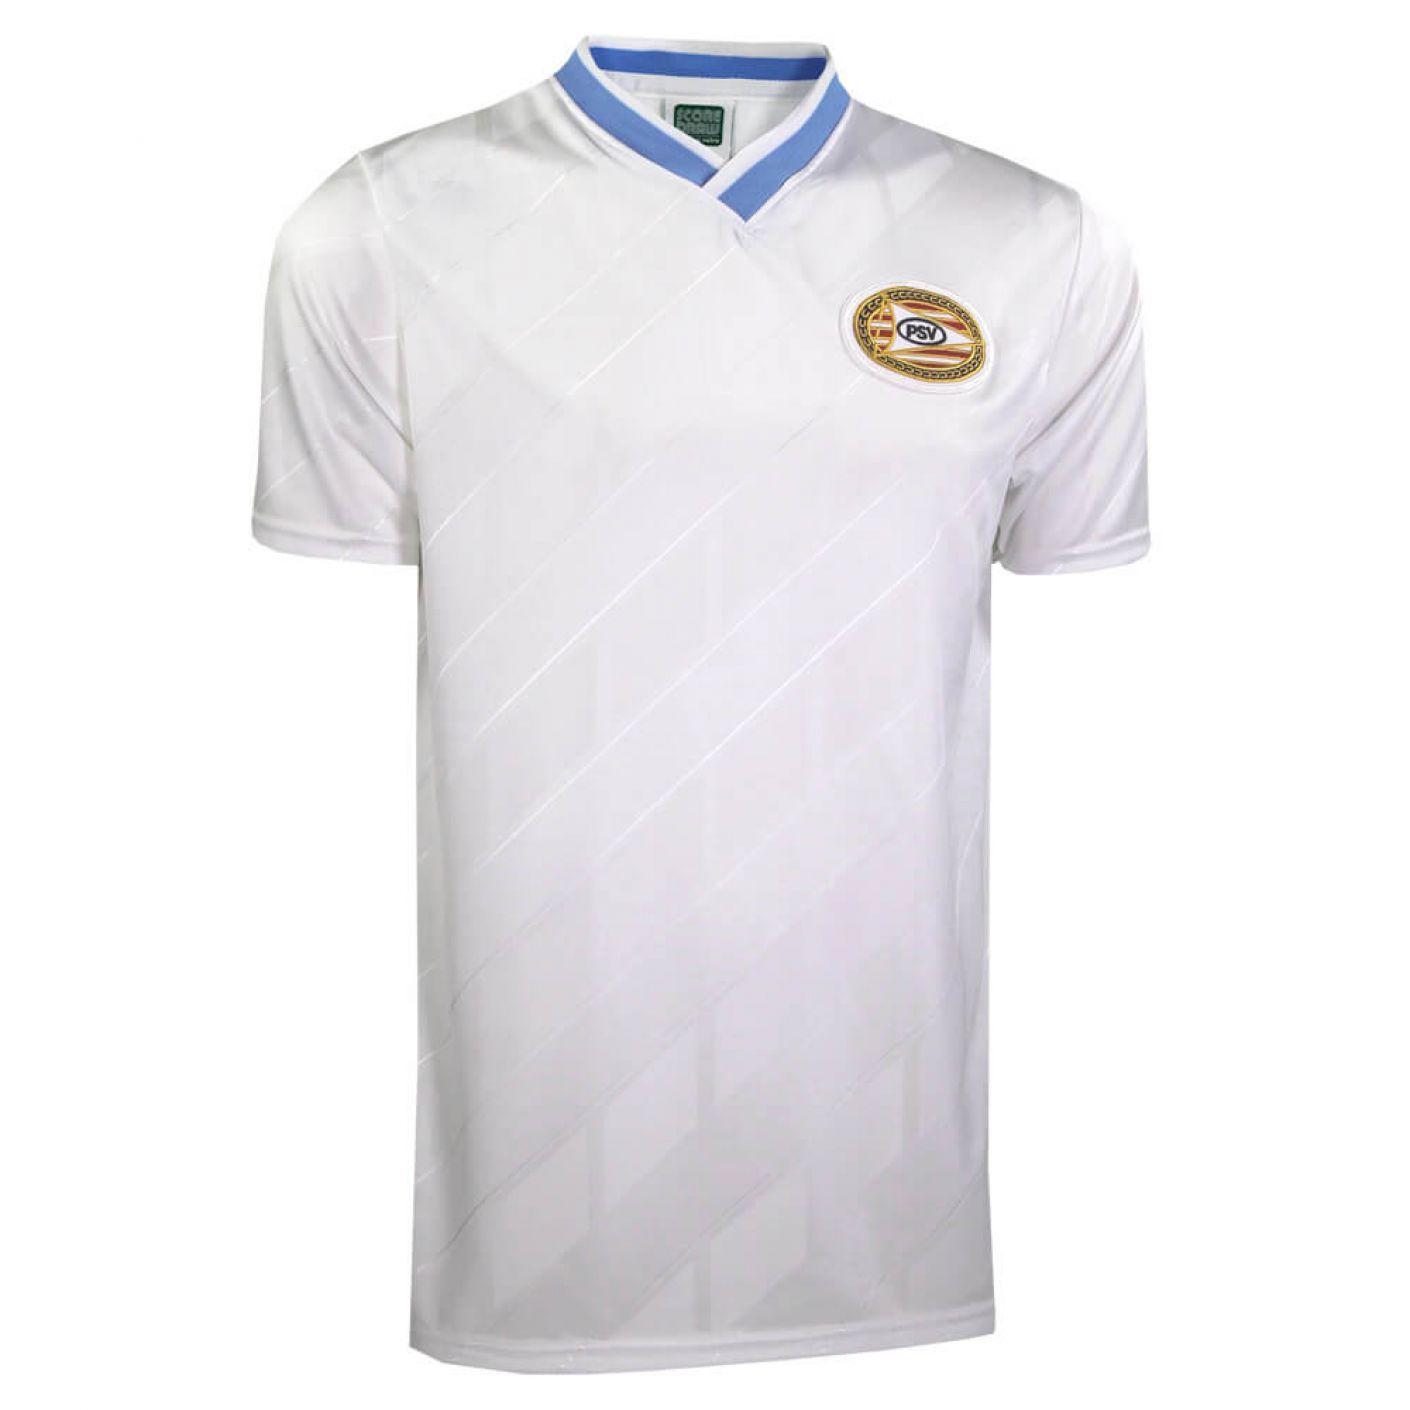 PSV Retro Shirt EC 1 Finale 88